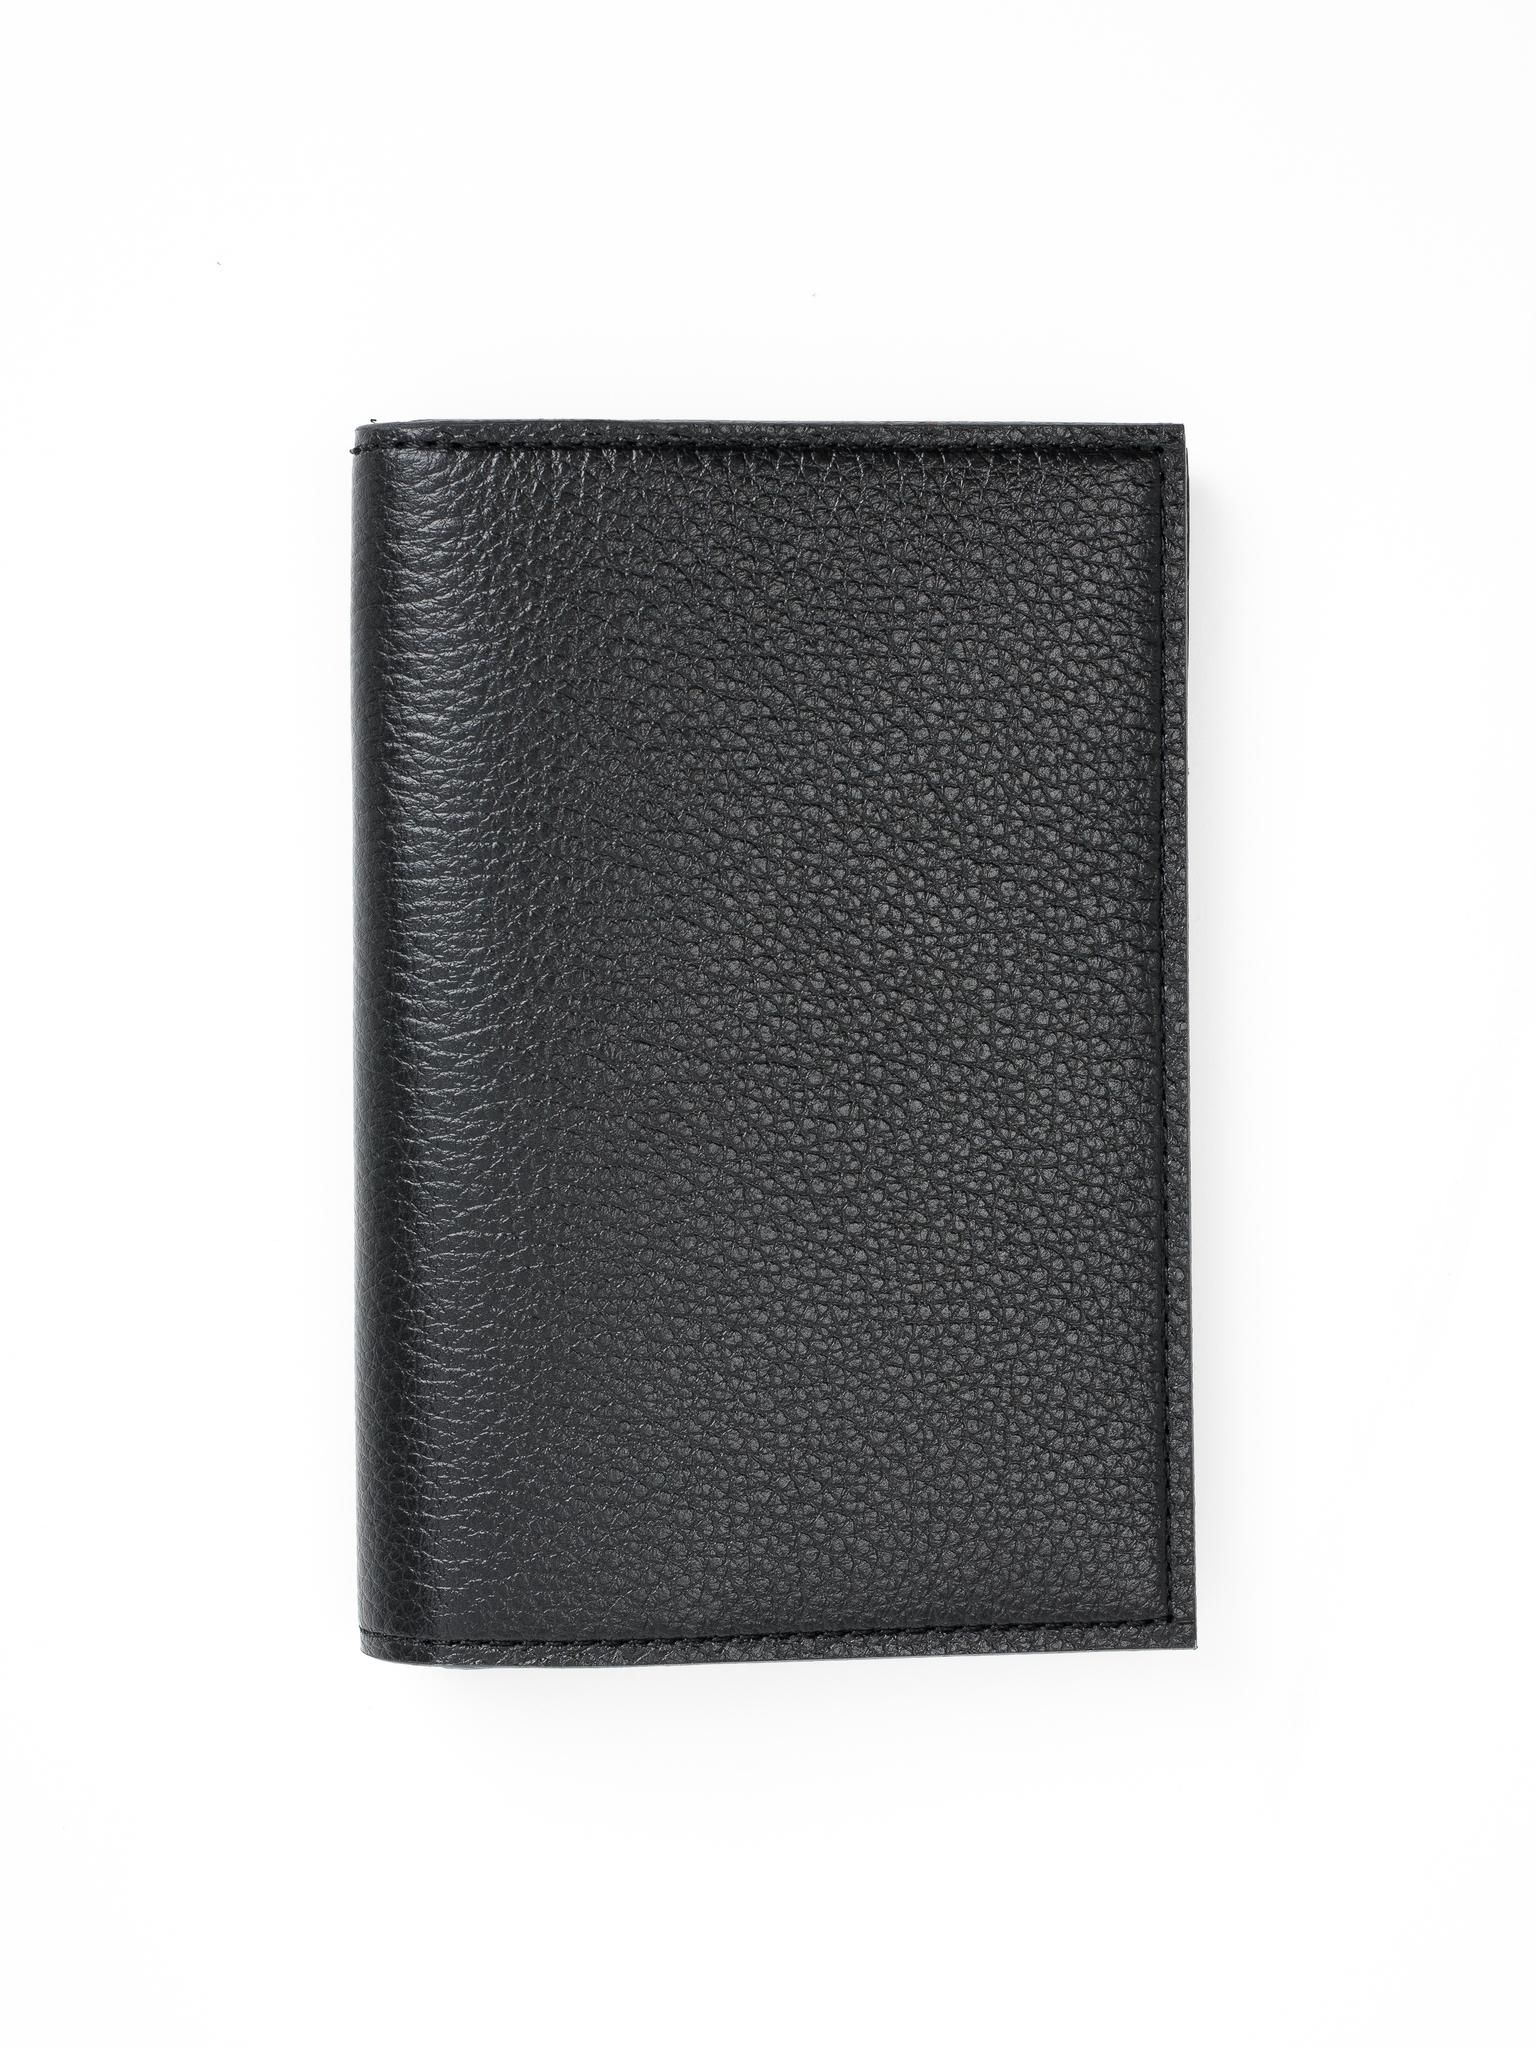 Обложка для паспорта с карманами   Чёрный